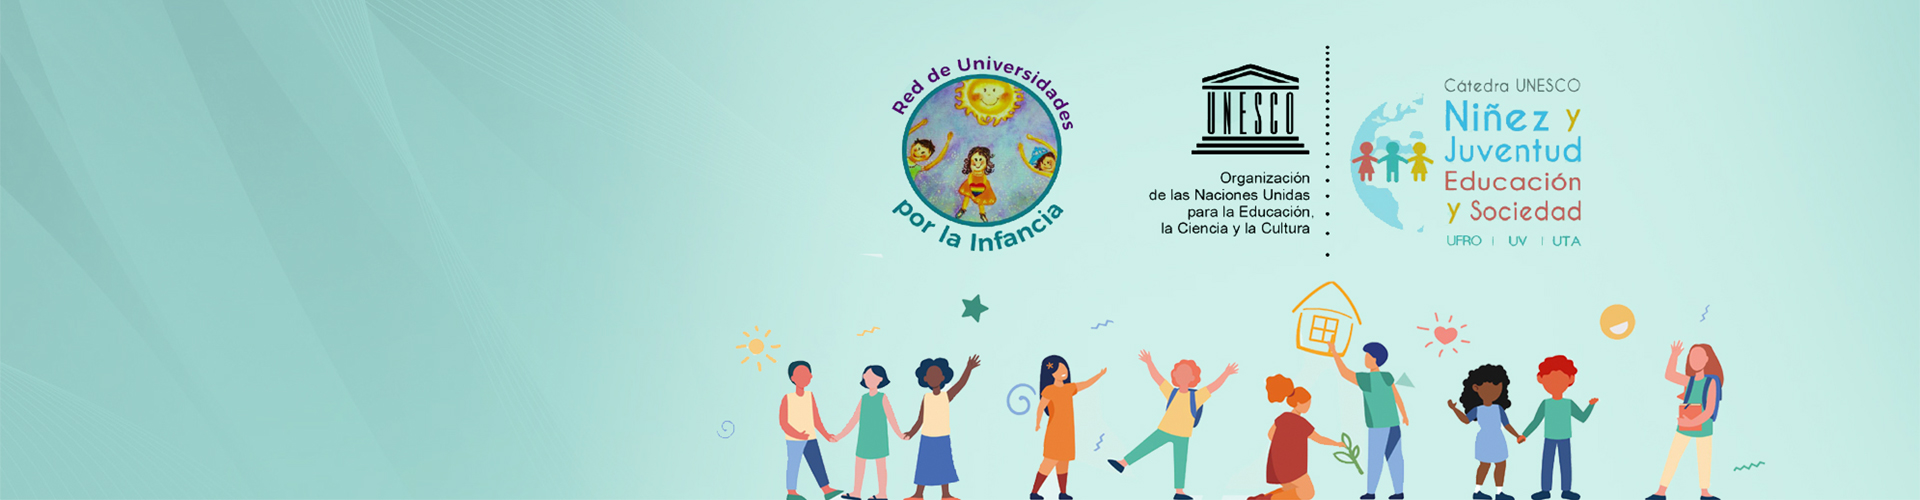 Participa con tus propuestas para una Agenda de Niñez